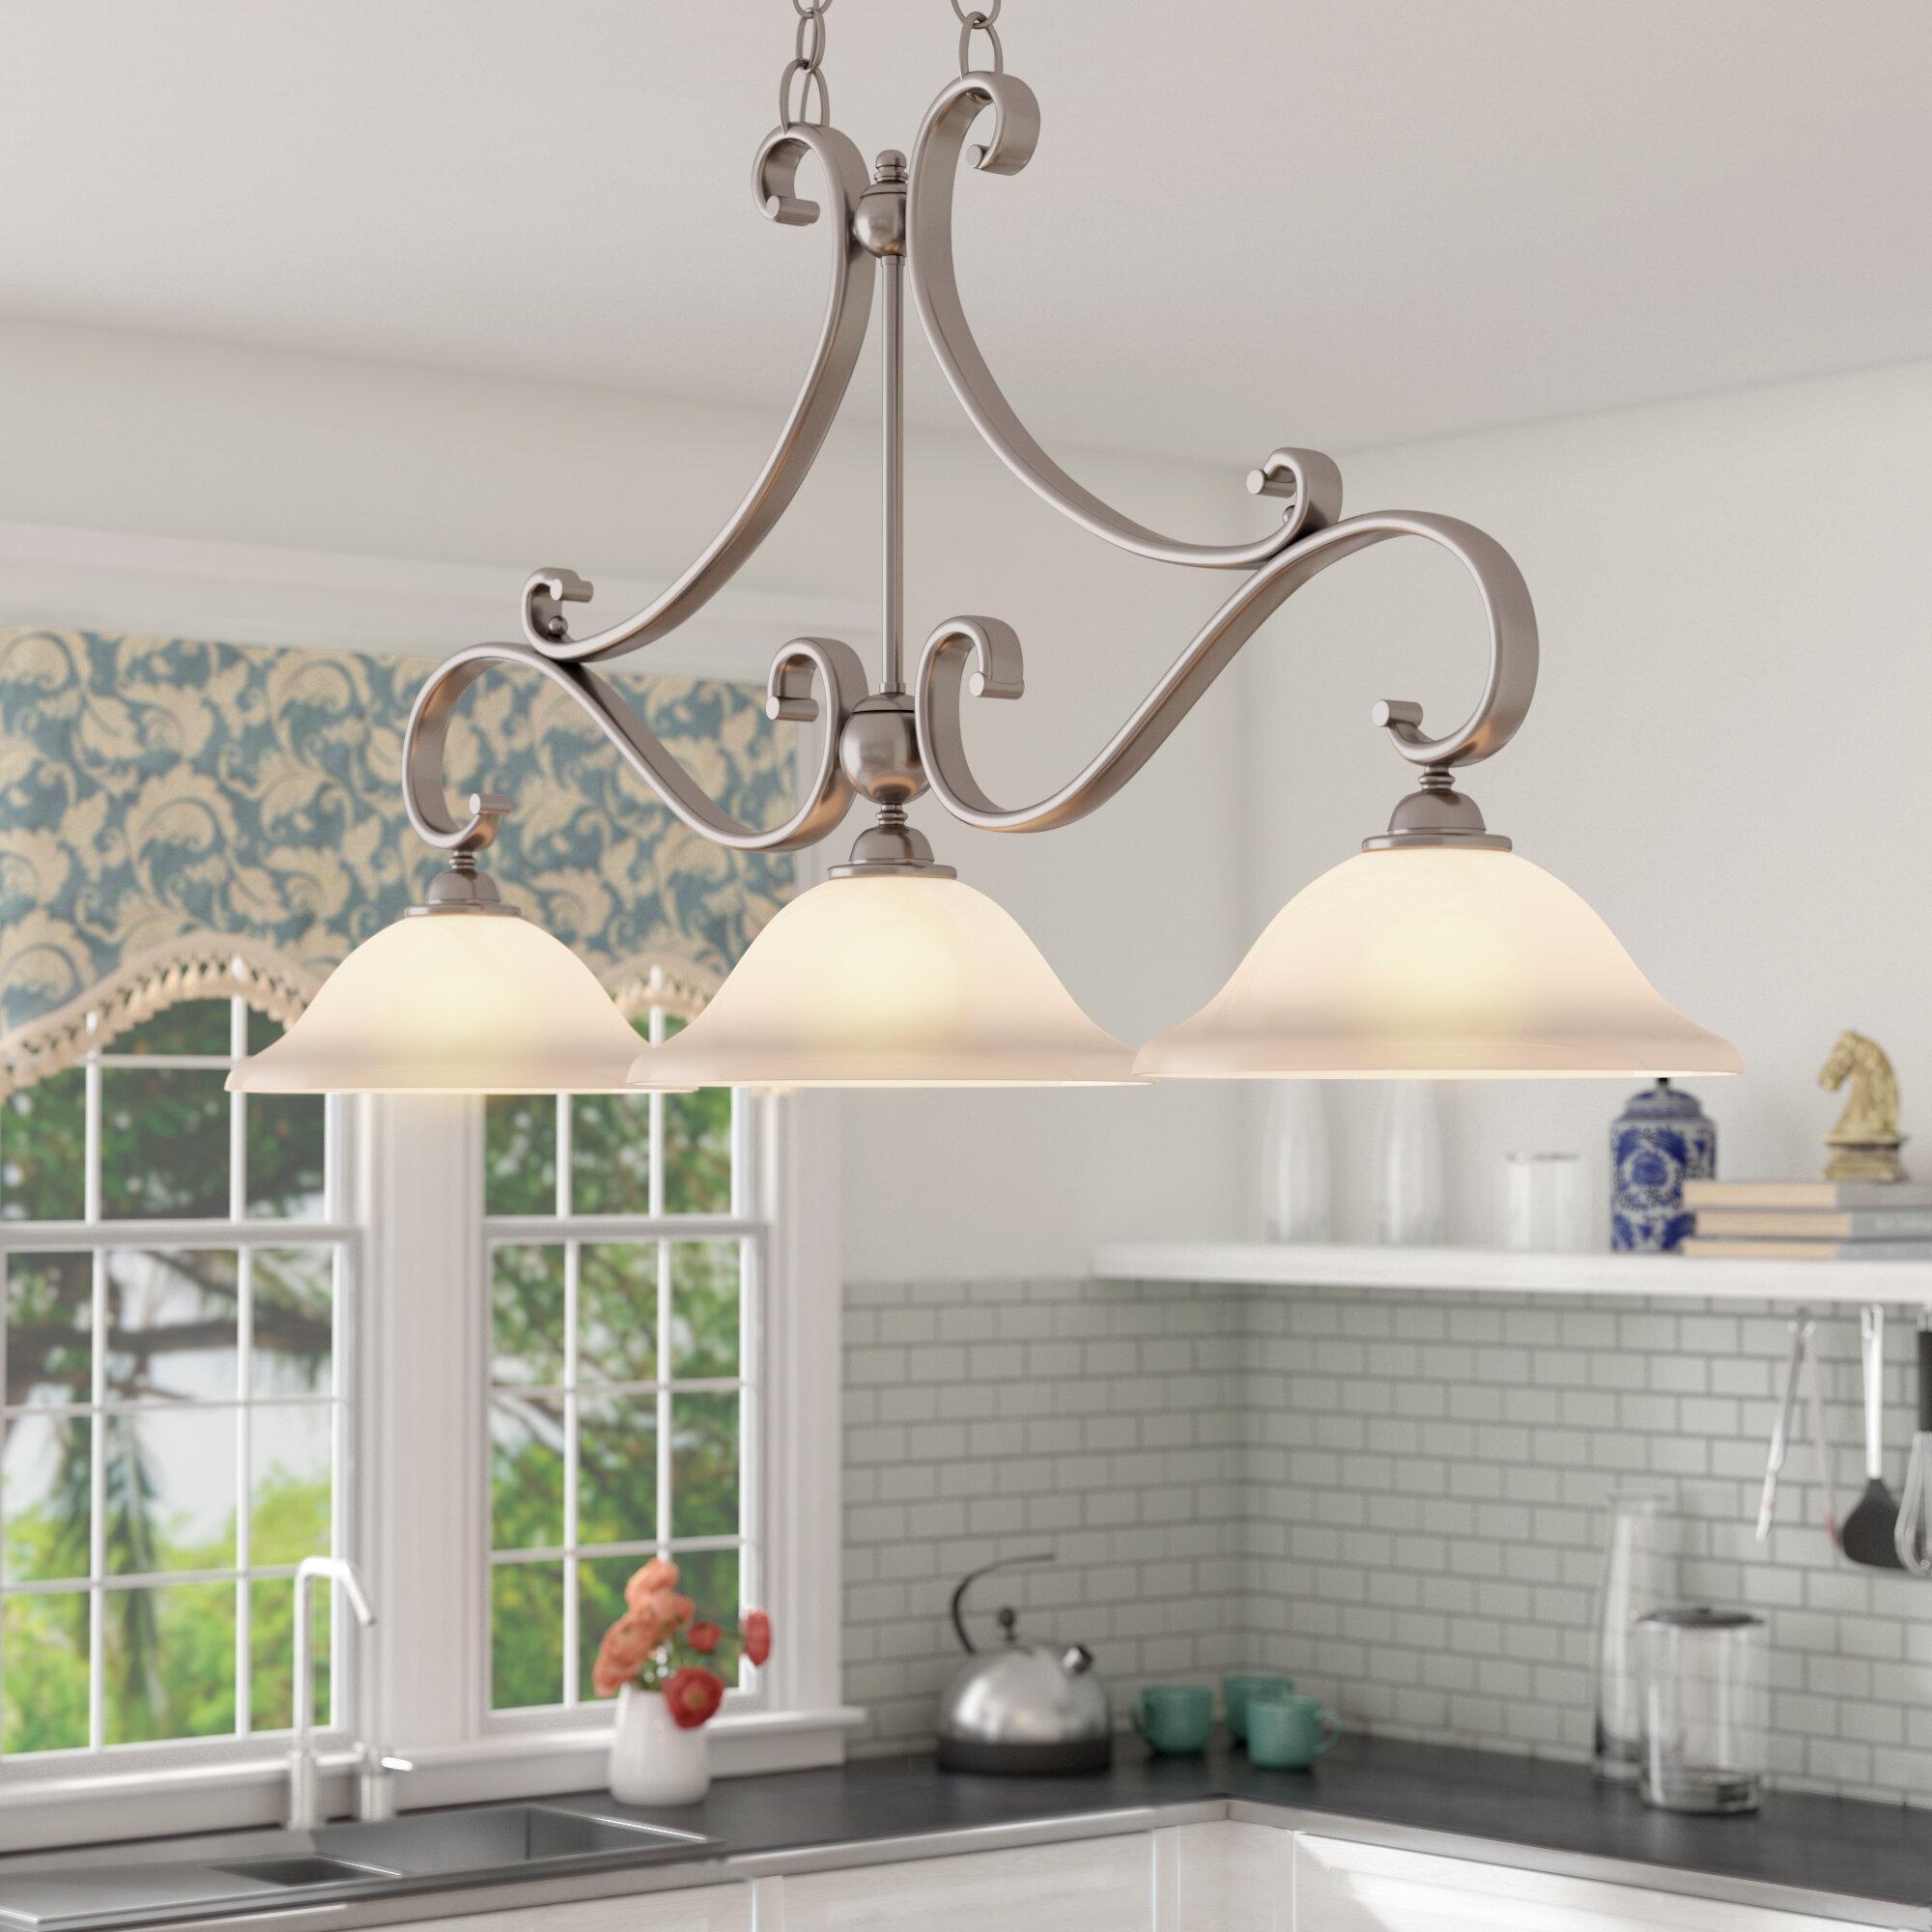 Van Horne 3 Light Kitchen Island Linear Pendant